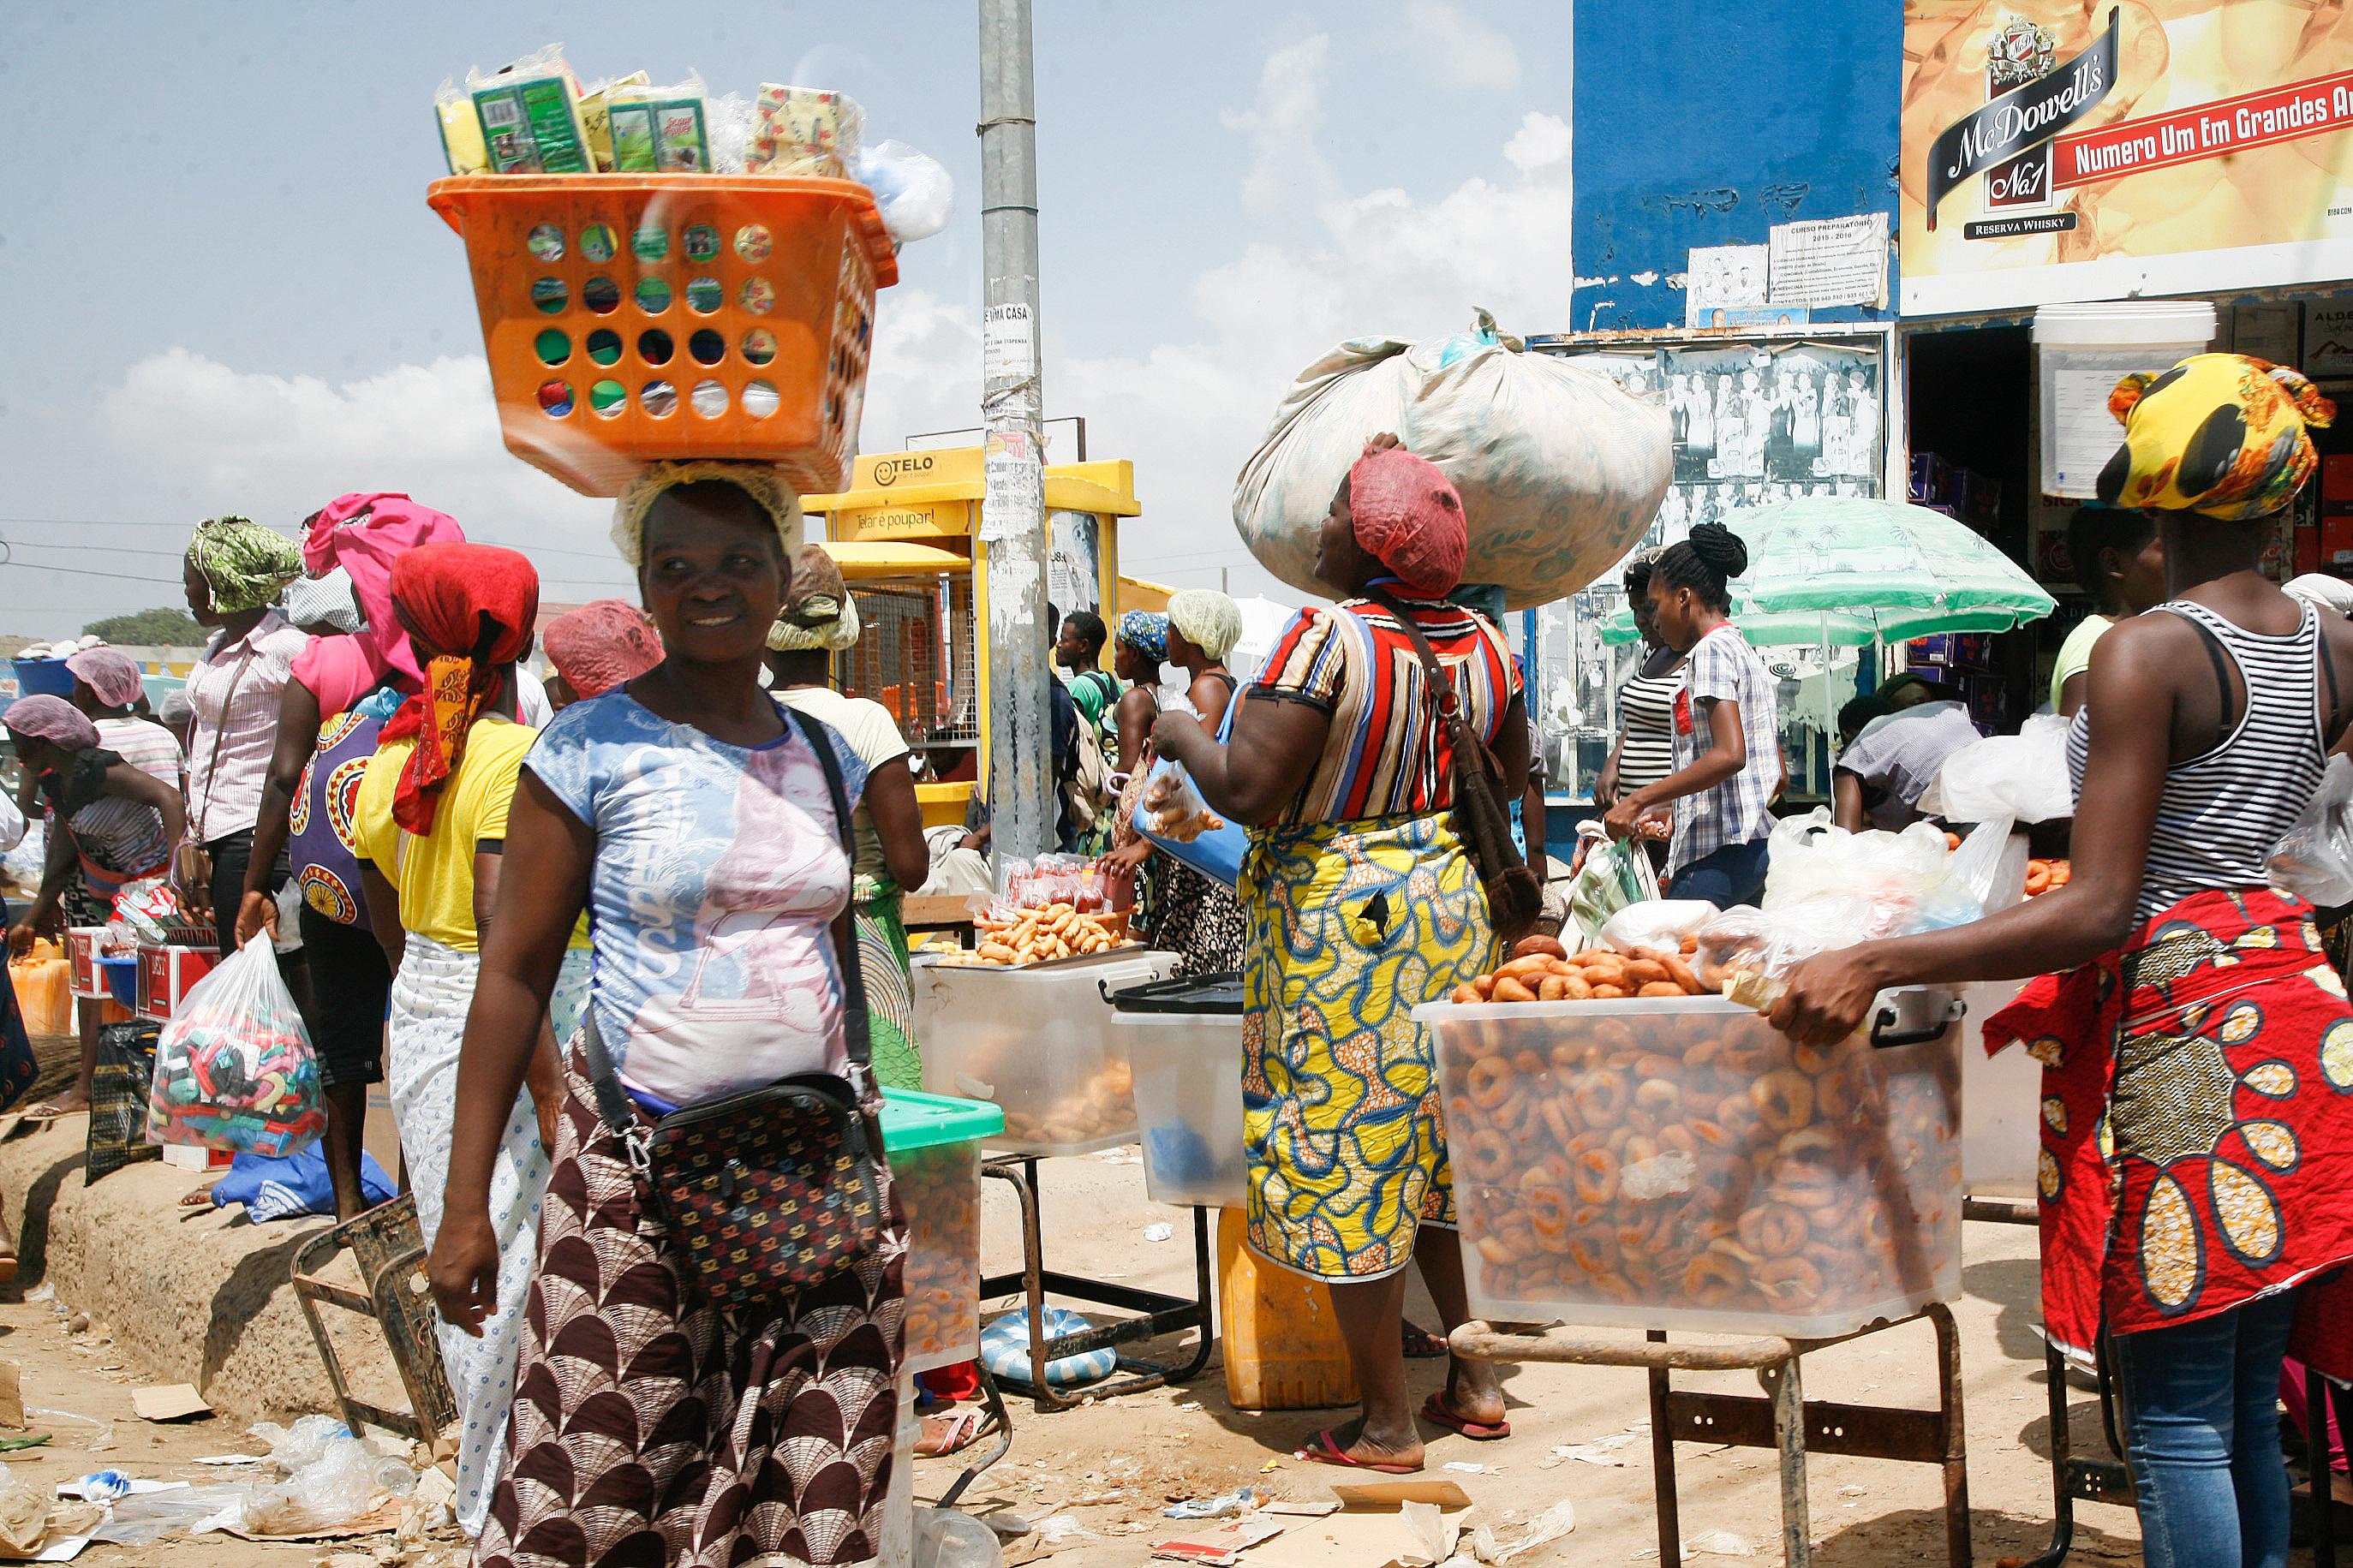 Venda ambulante em Angola regulamentada até ao fim deste ano